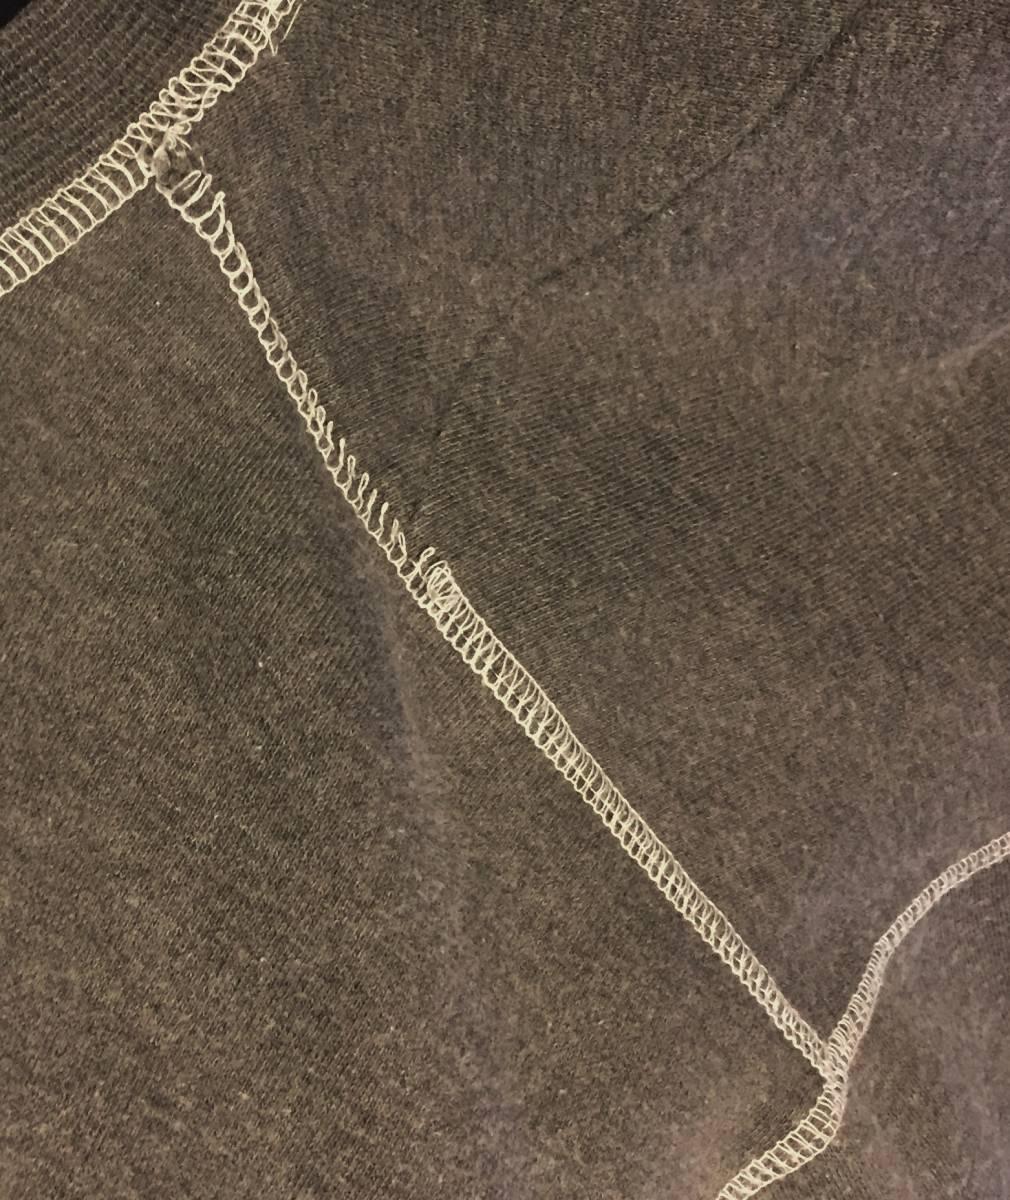 旧ロゴ刺繍90sオールドGAPスエットL⇒XLサイズ相当ビッグシルエット墨黒グレー裾デカタグ無地トレーナー90年代ビンテージ_画像5